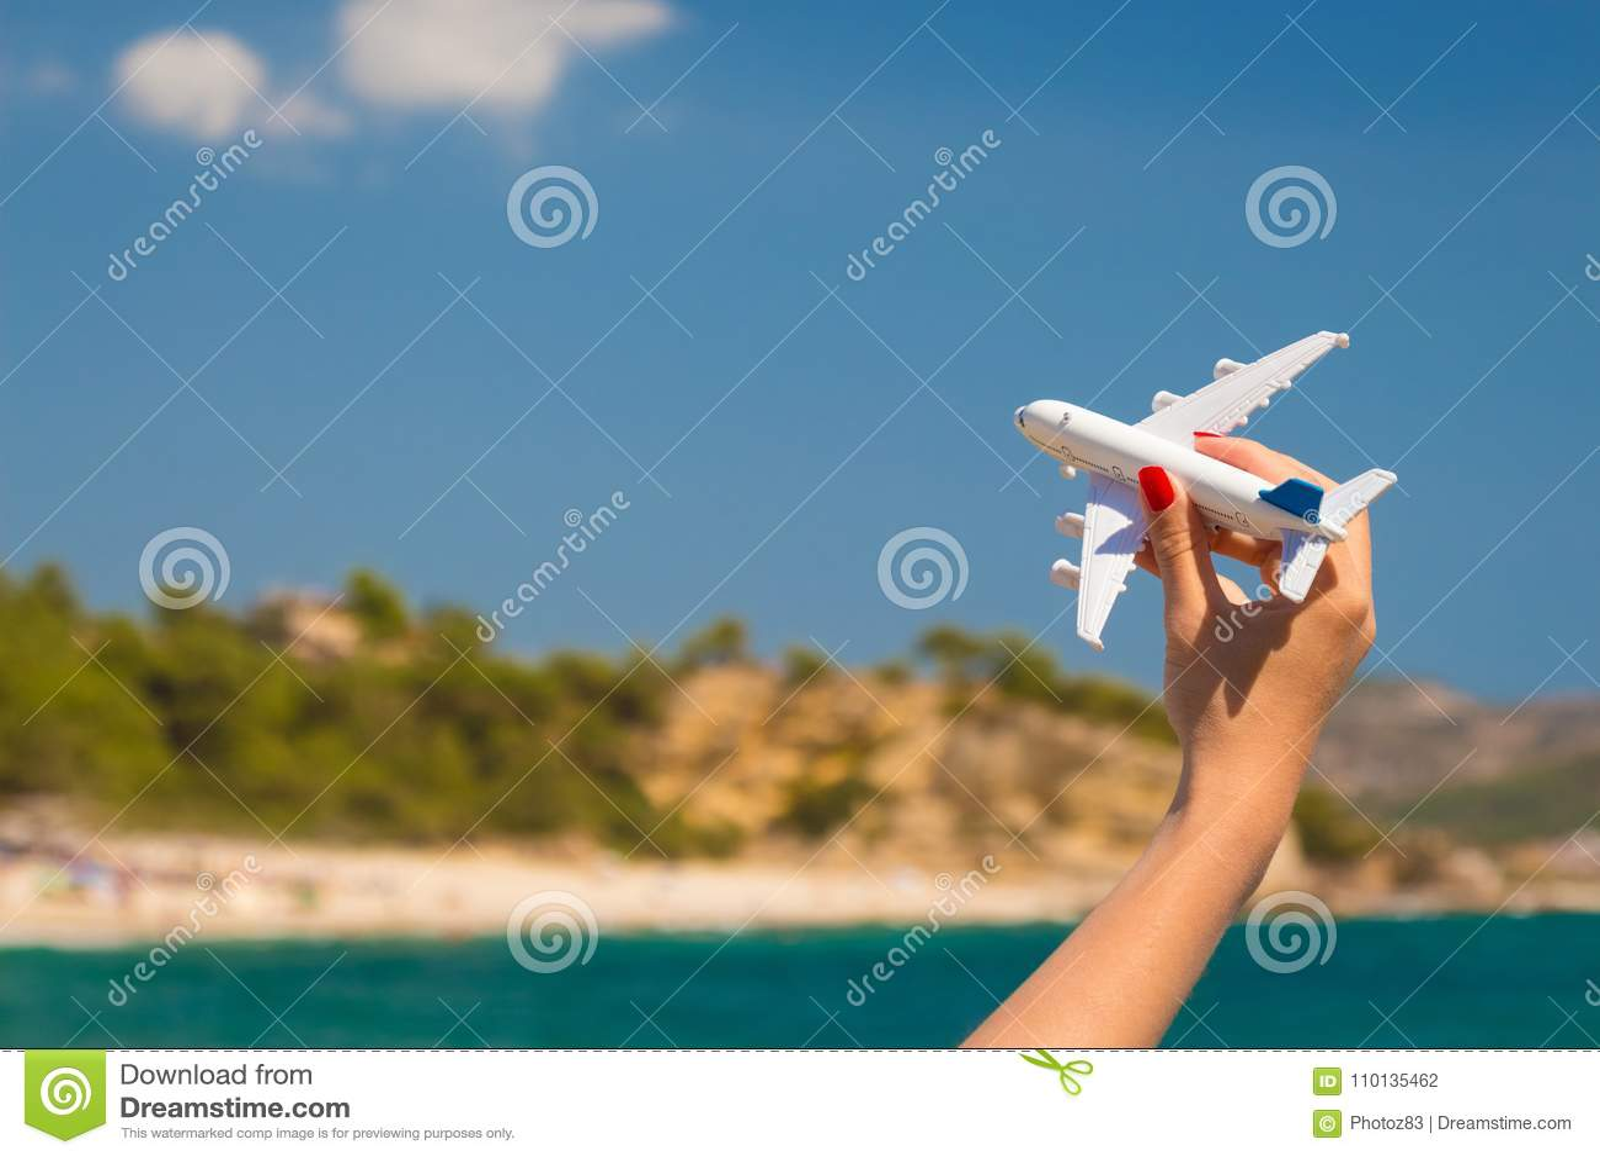 Женская рука держа игрушку самолета на пляже